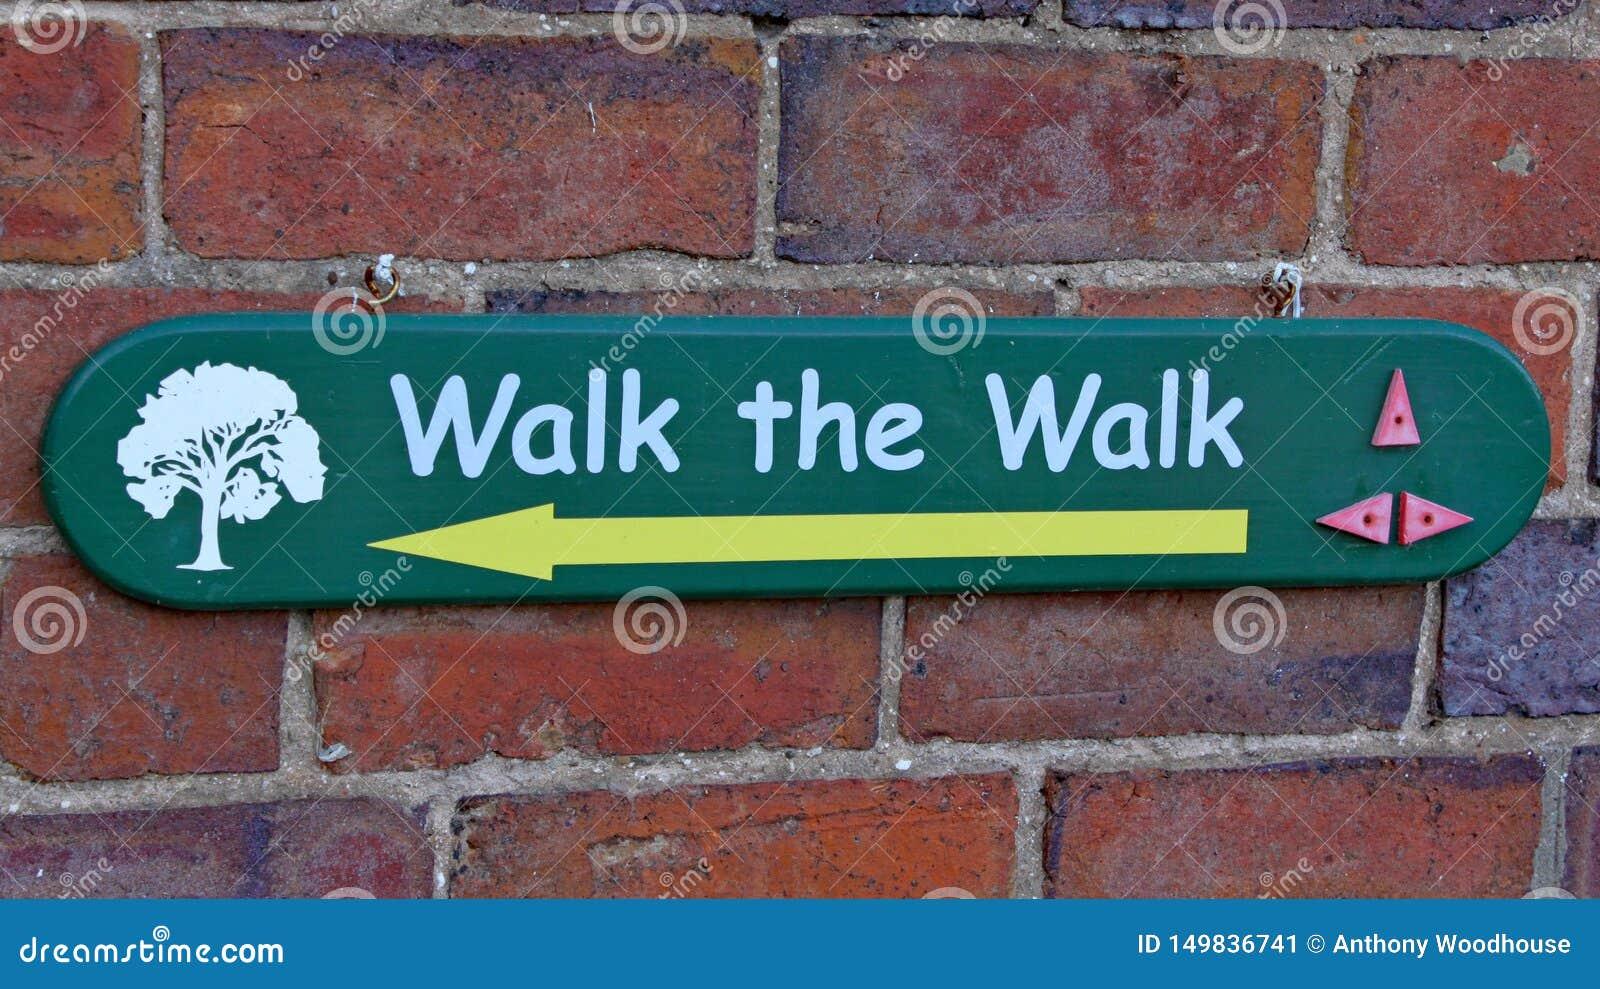 Знак говоря посетителям которые путь идти на дендропарк Arley в Midlands в Англии